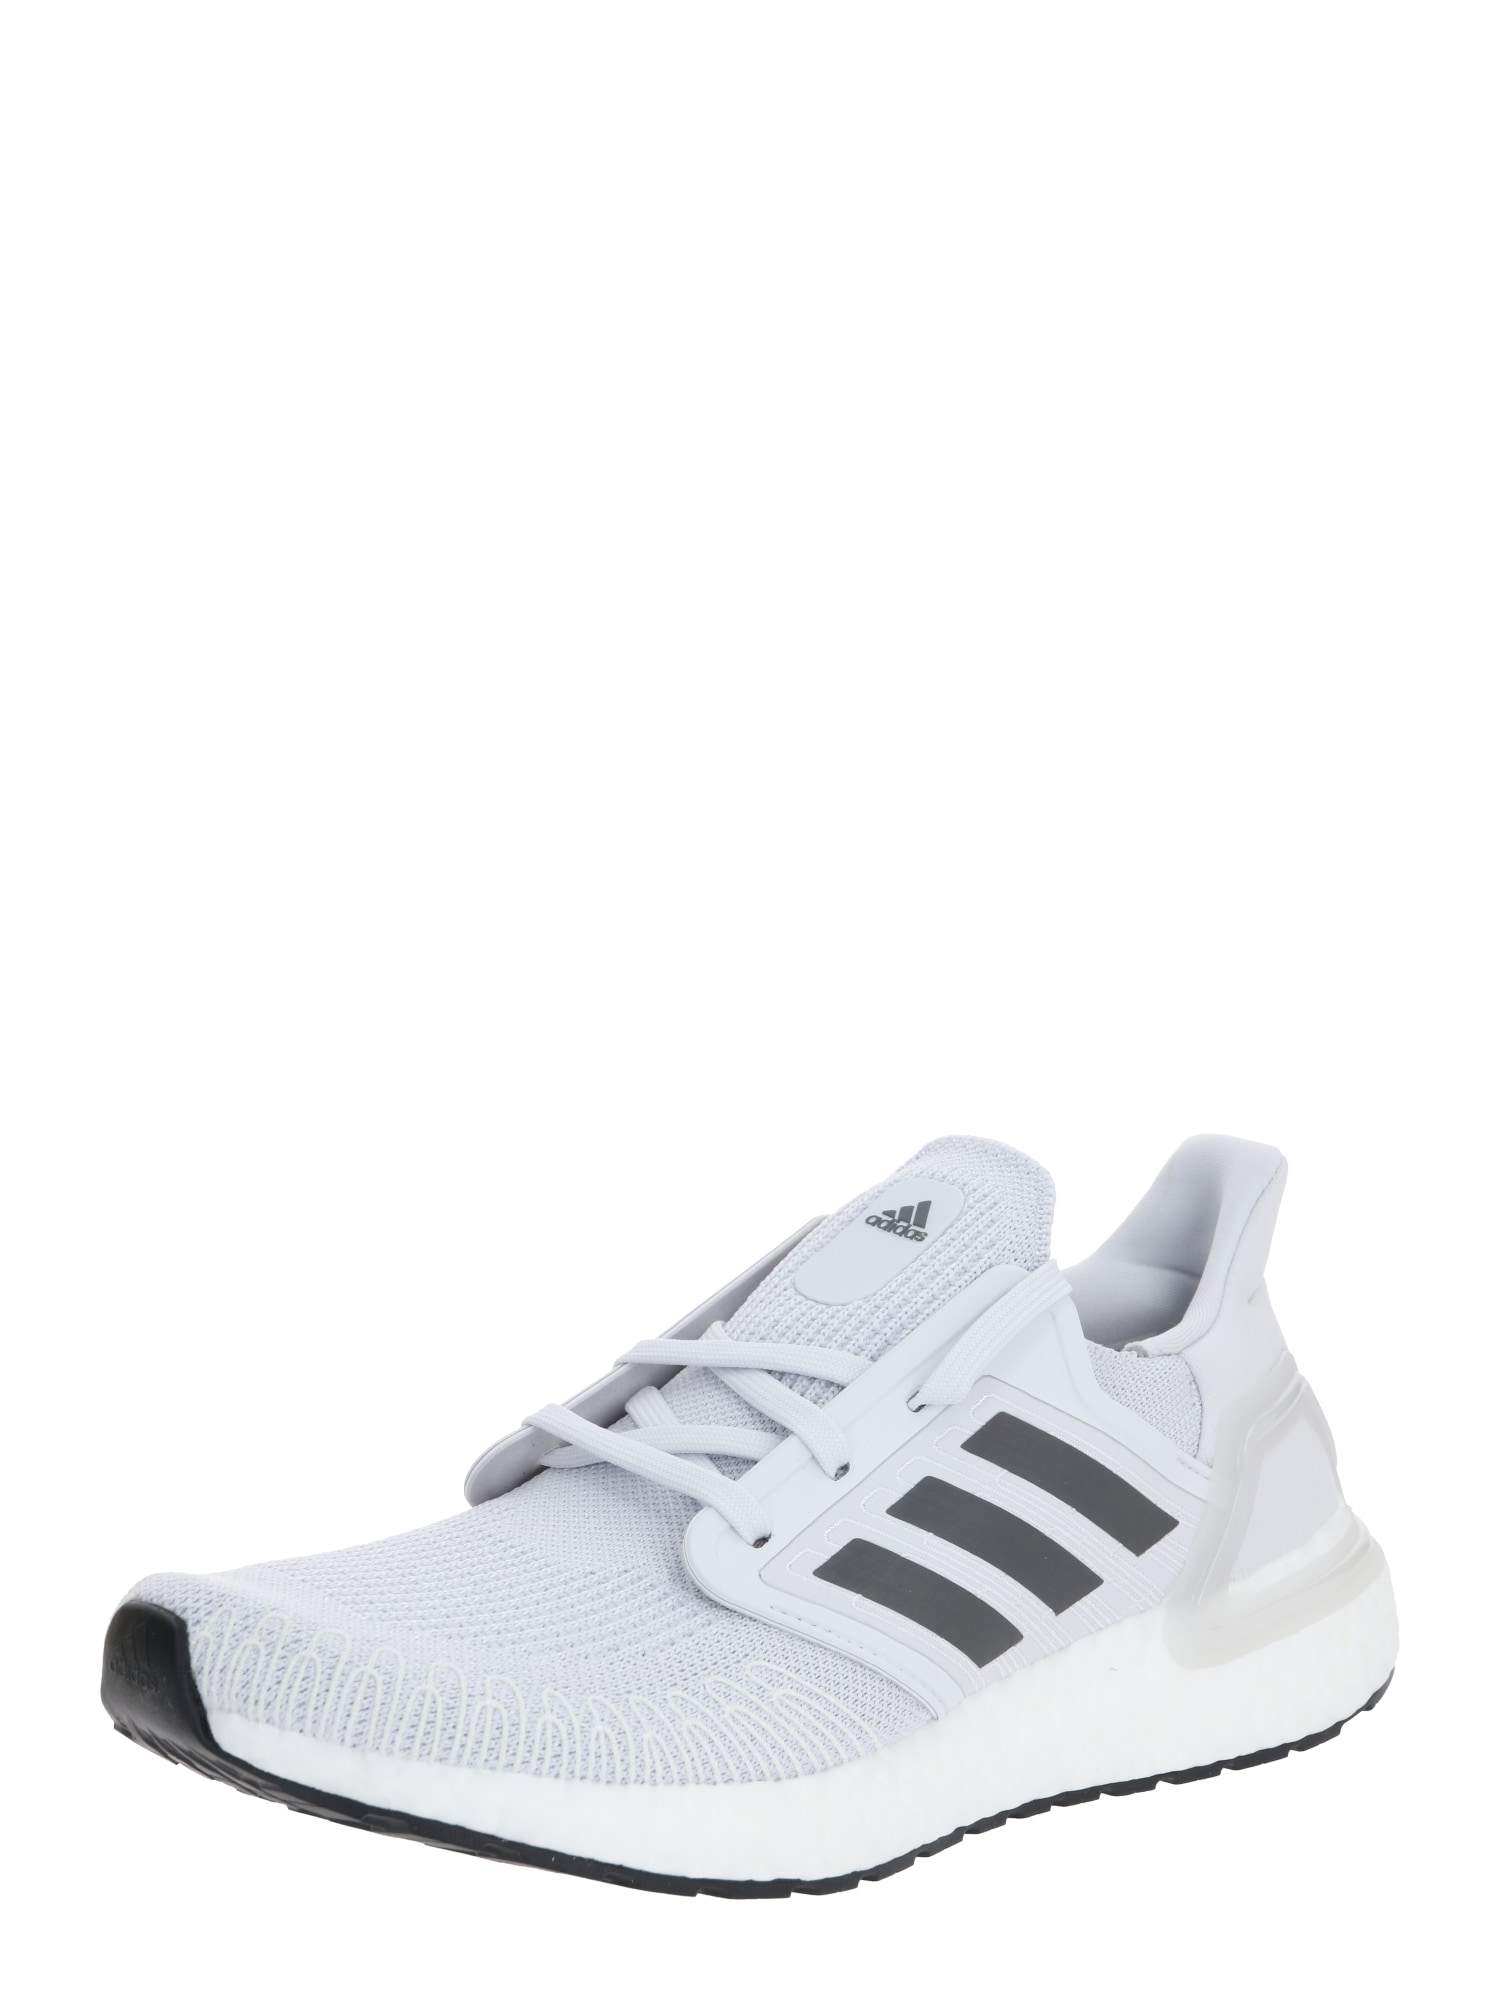 ADIDAS PERFORMANCE Bėgimo batai tamsiai pilka / šviesiai pilka